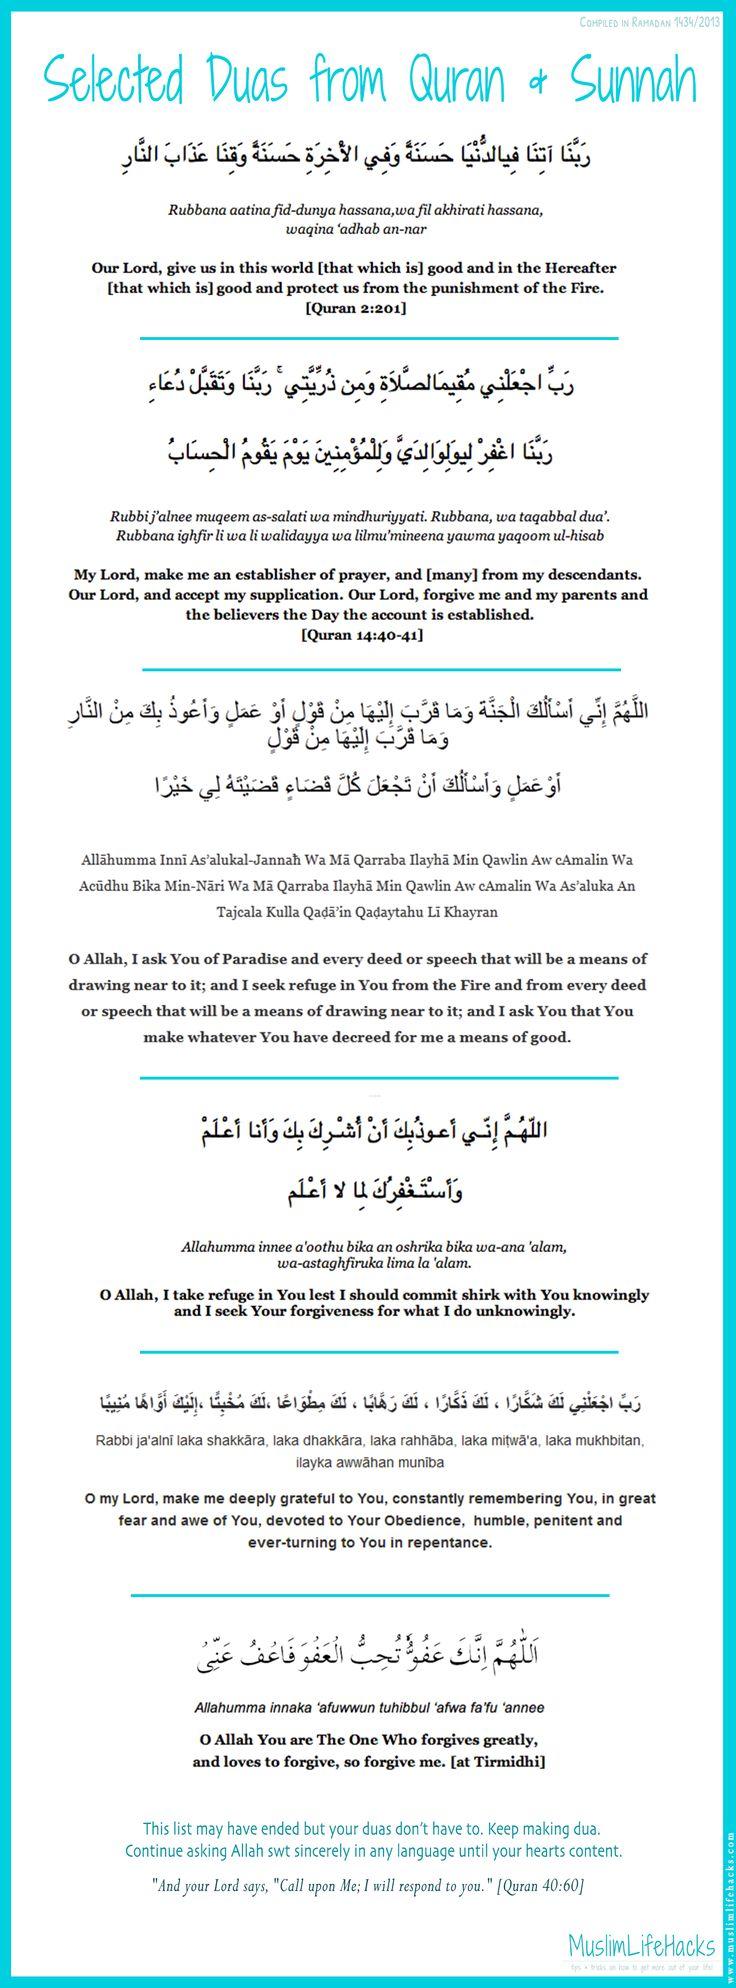 MuslimLifeHacks - Dua List